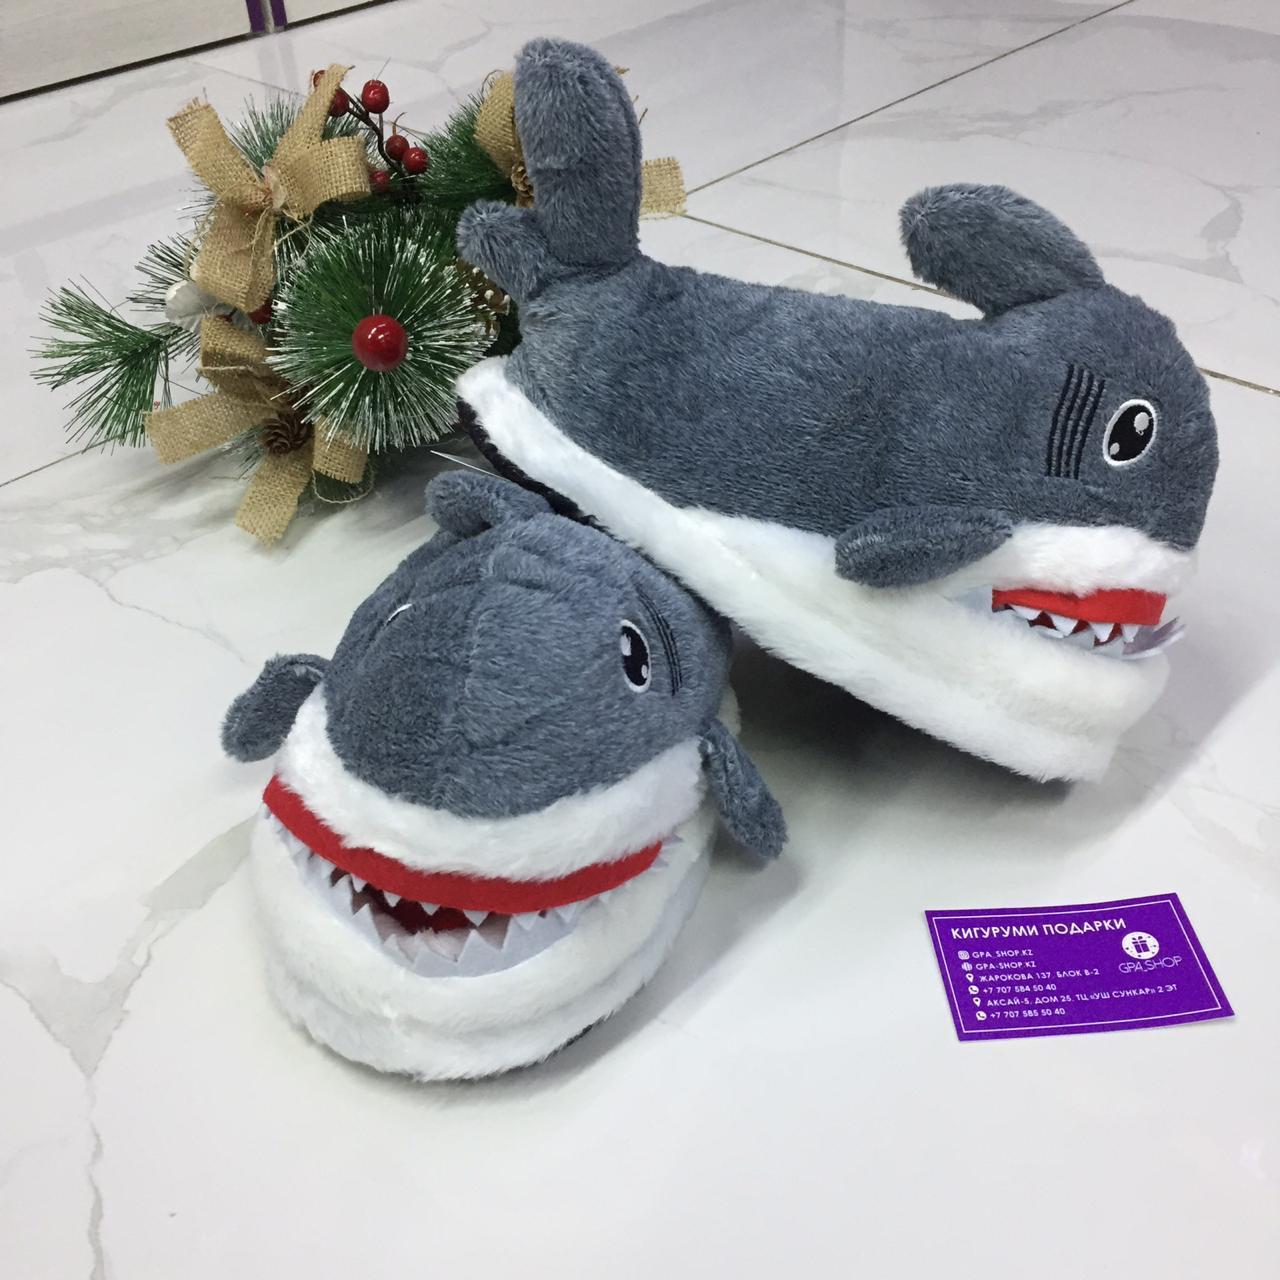 Тапочки акула